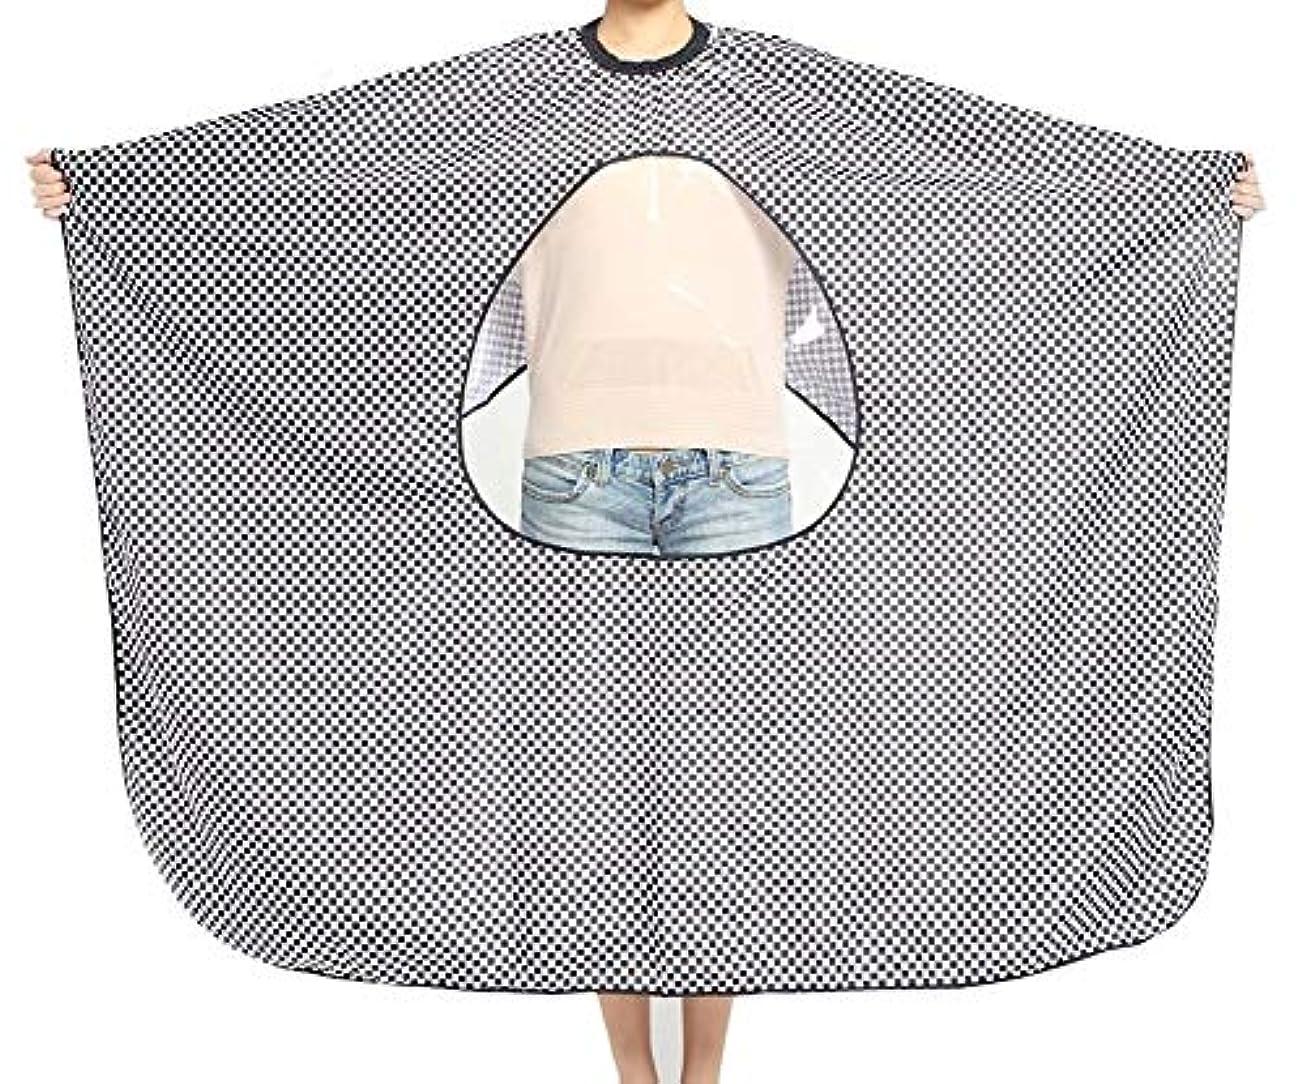 宇宙飛行士キャビン胚HIZLJJ 理髪岬ユニセックス-プロフェッショナル/商用ヘアカット用の透明なビューイングウィンドウサロンエプロン